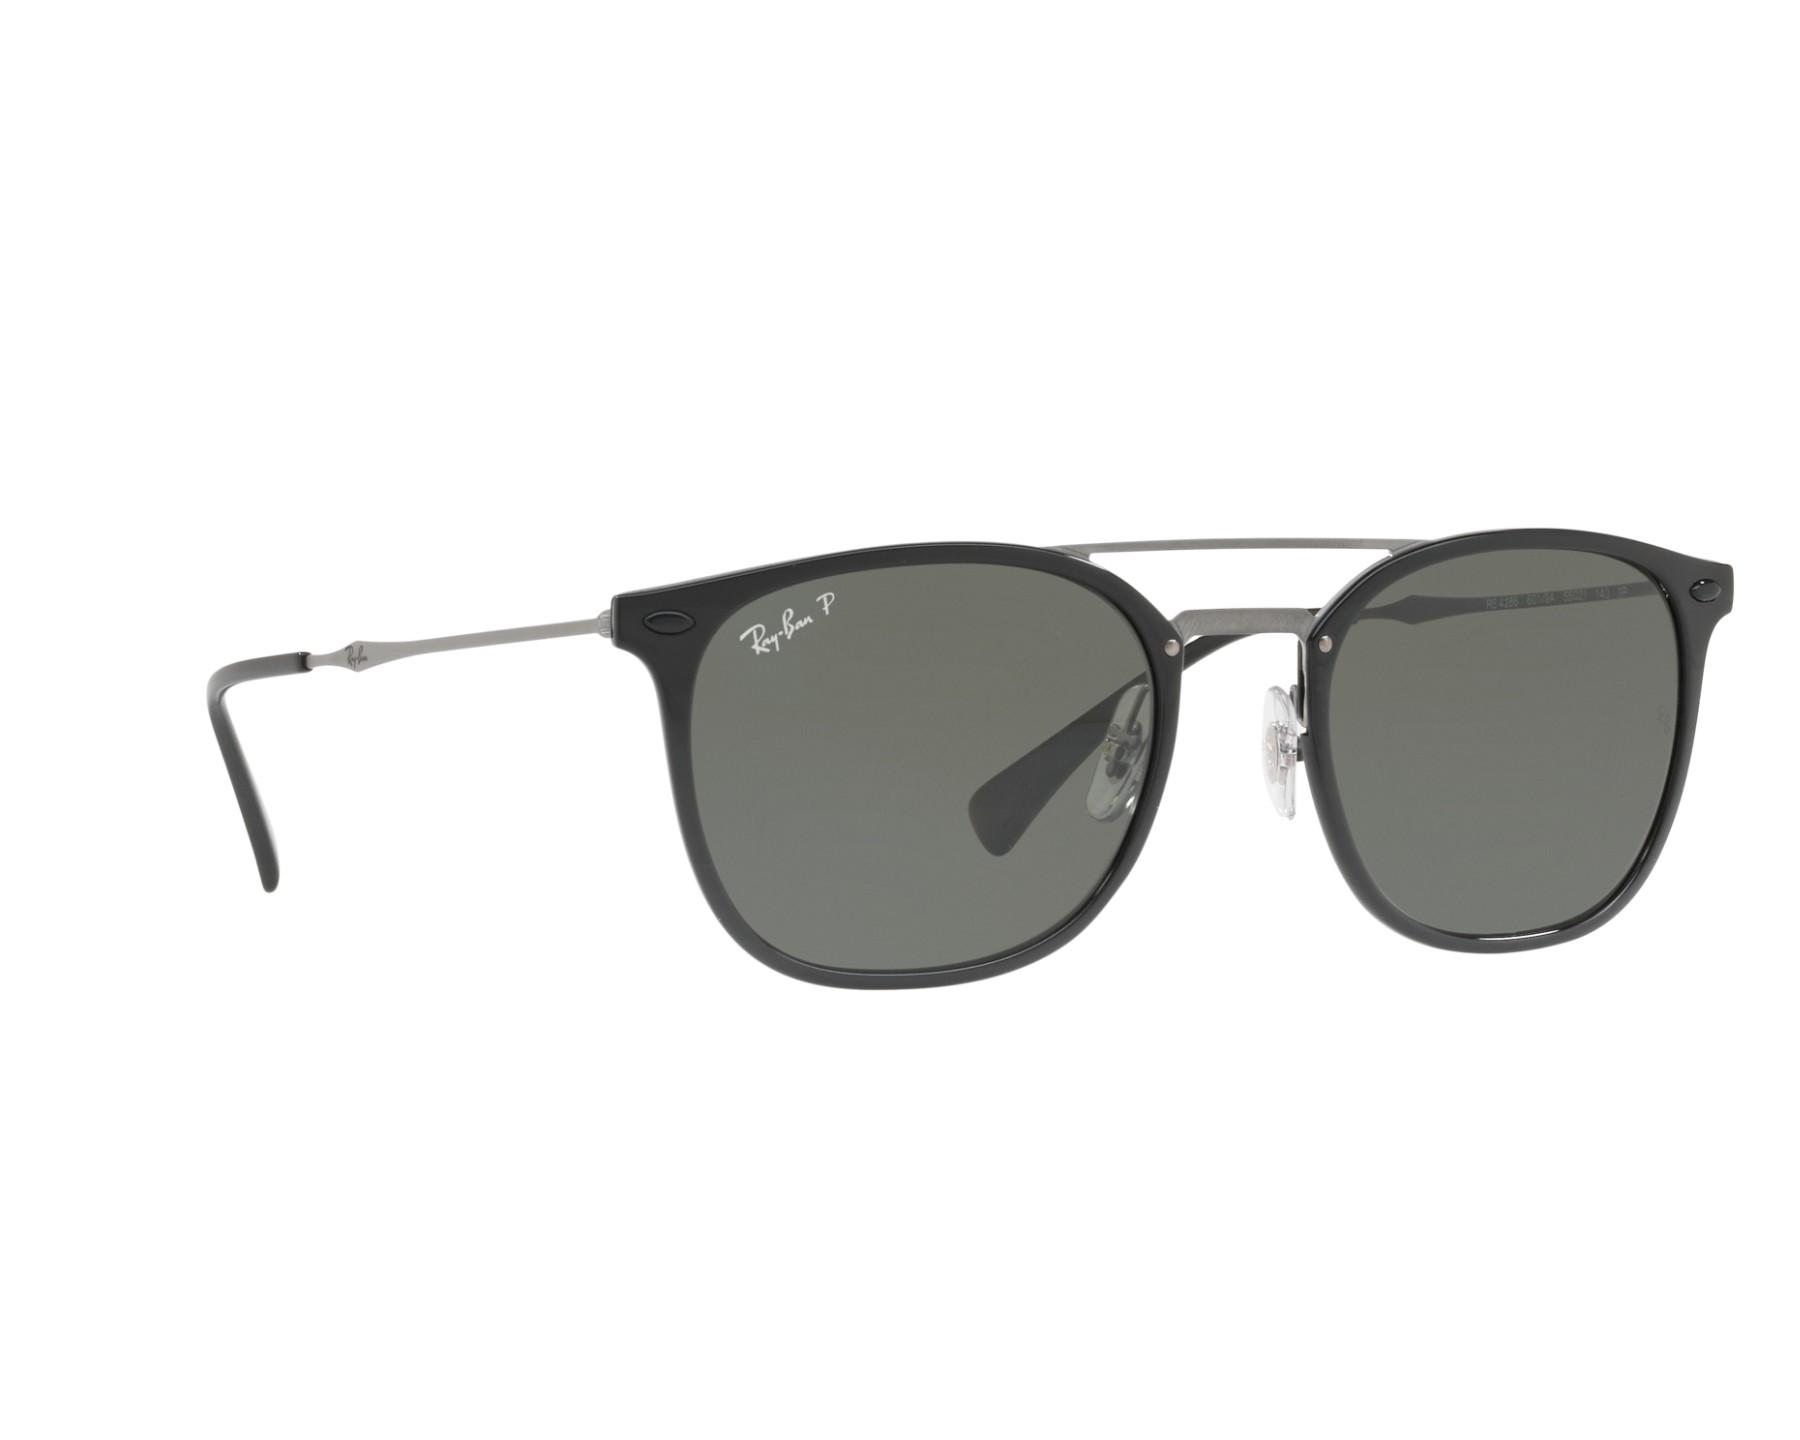 lunettes de soleil ray ban rb 4286 601 9a noir avec des verres gris vert. Black Bedroom Furniture Sets. Home Design Ideas